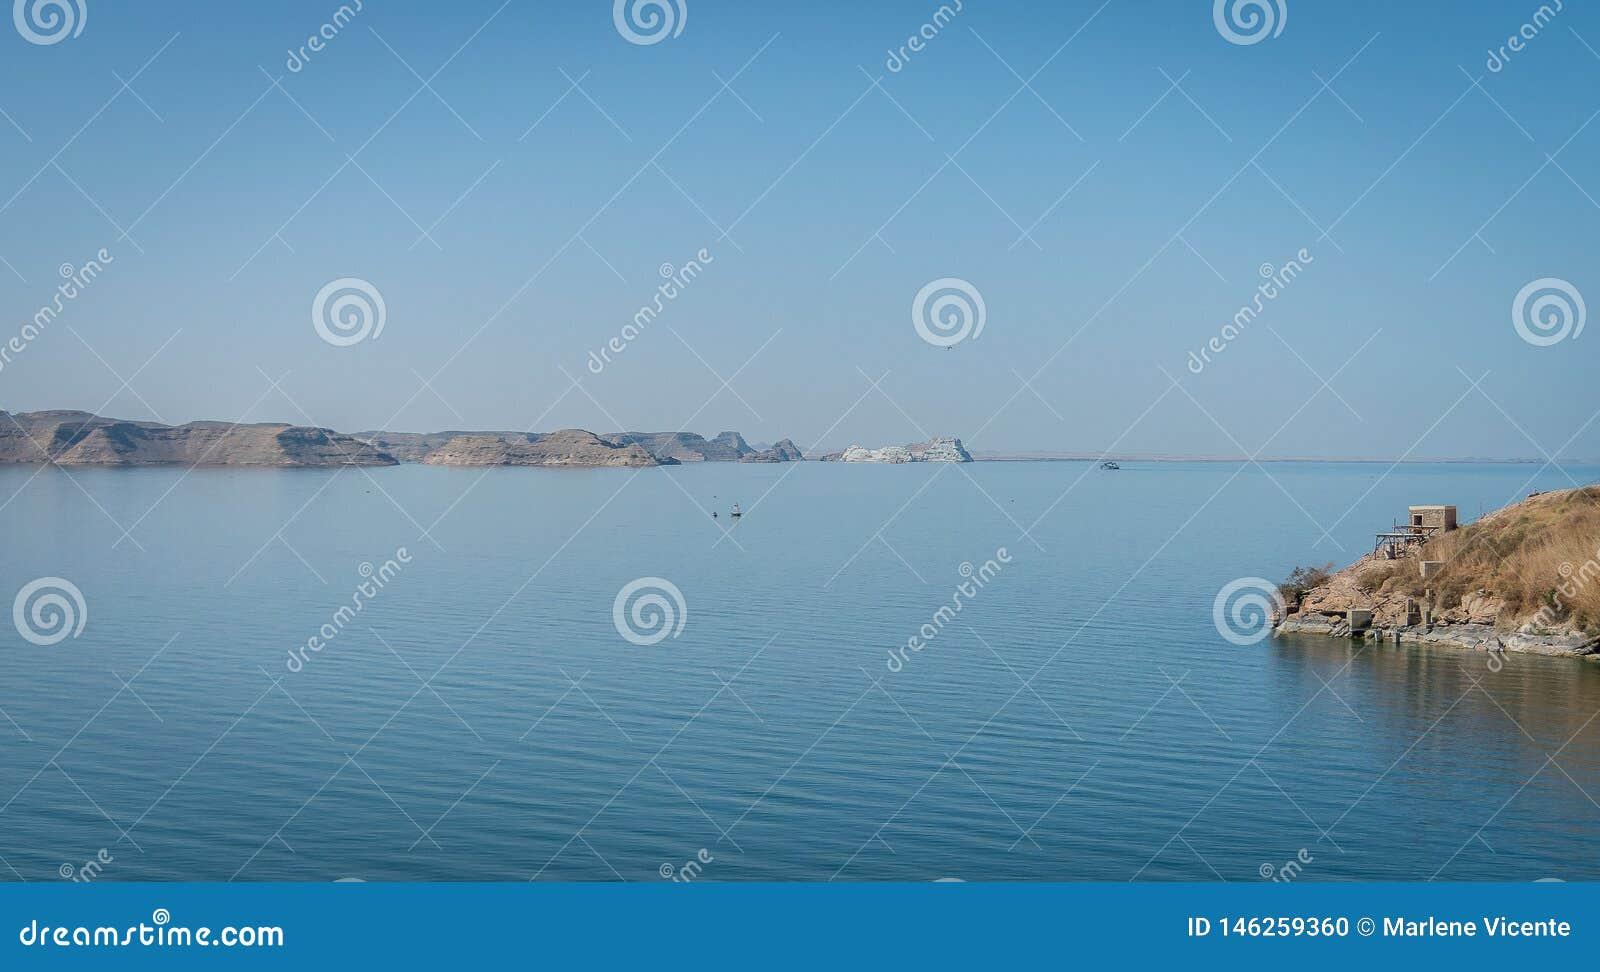 Egypte Landschap op Meer Nasser